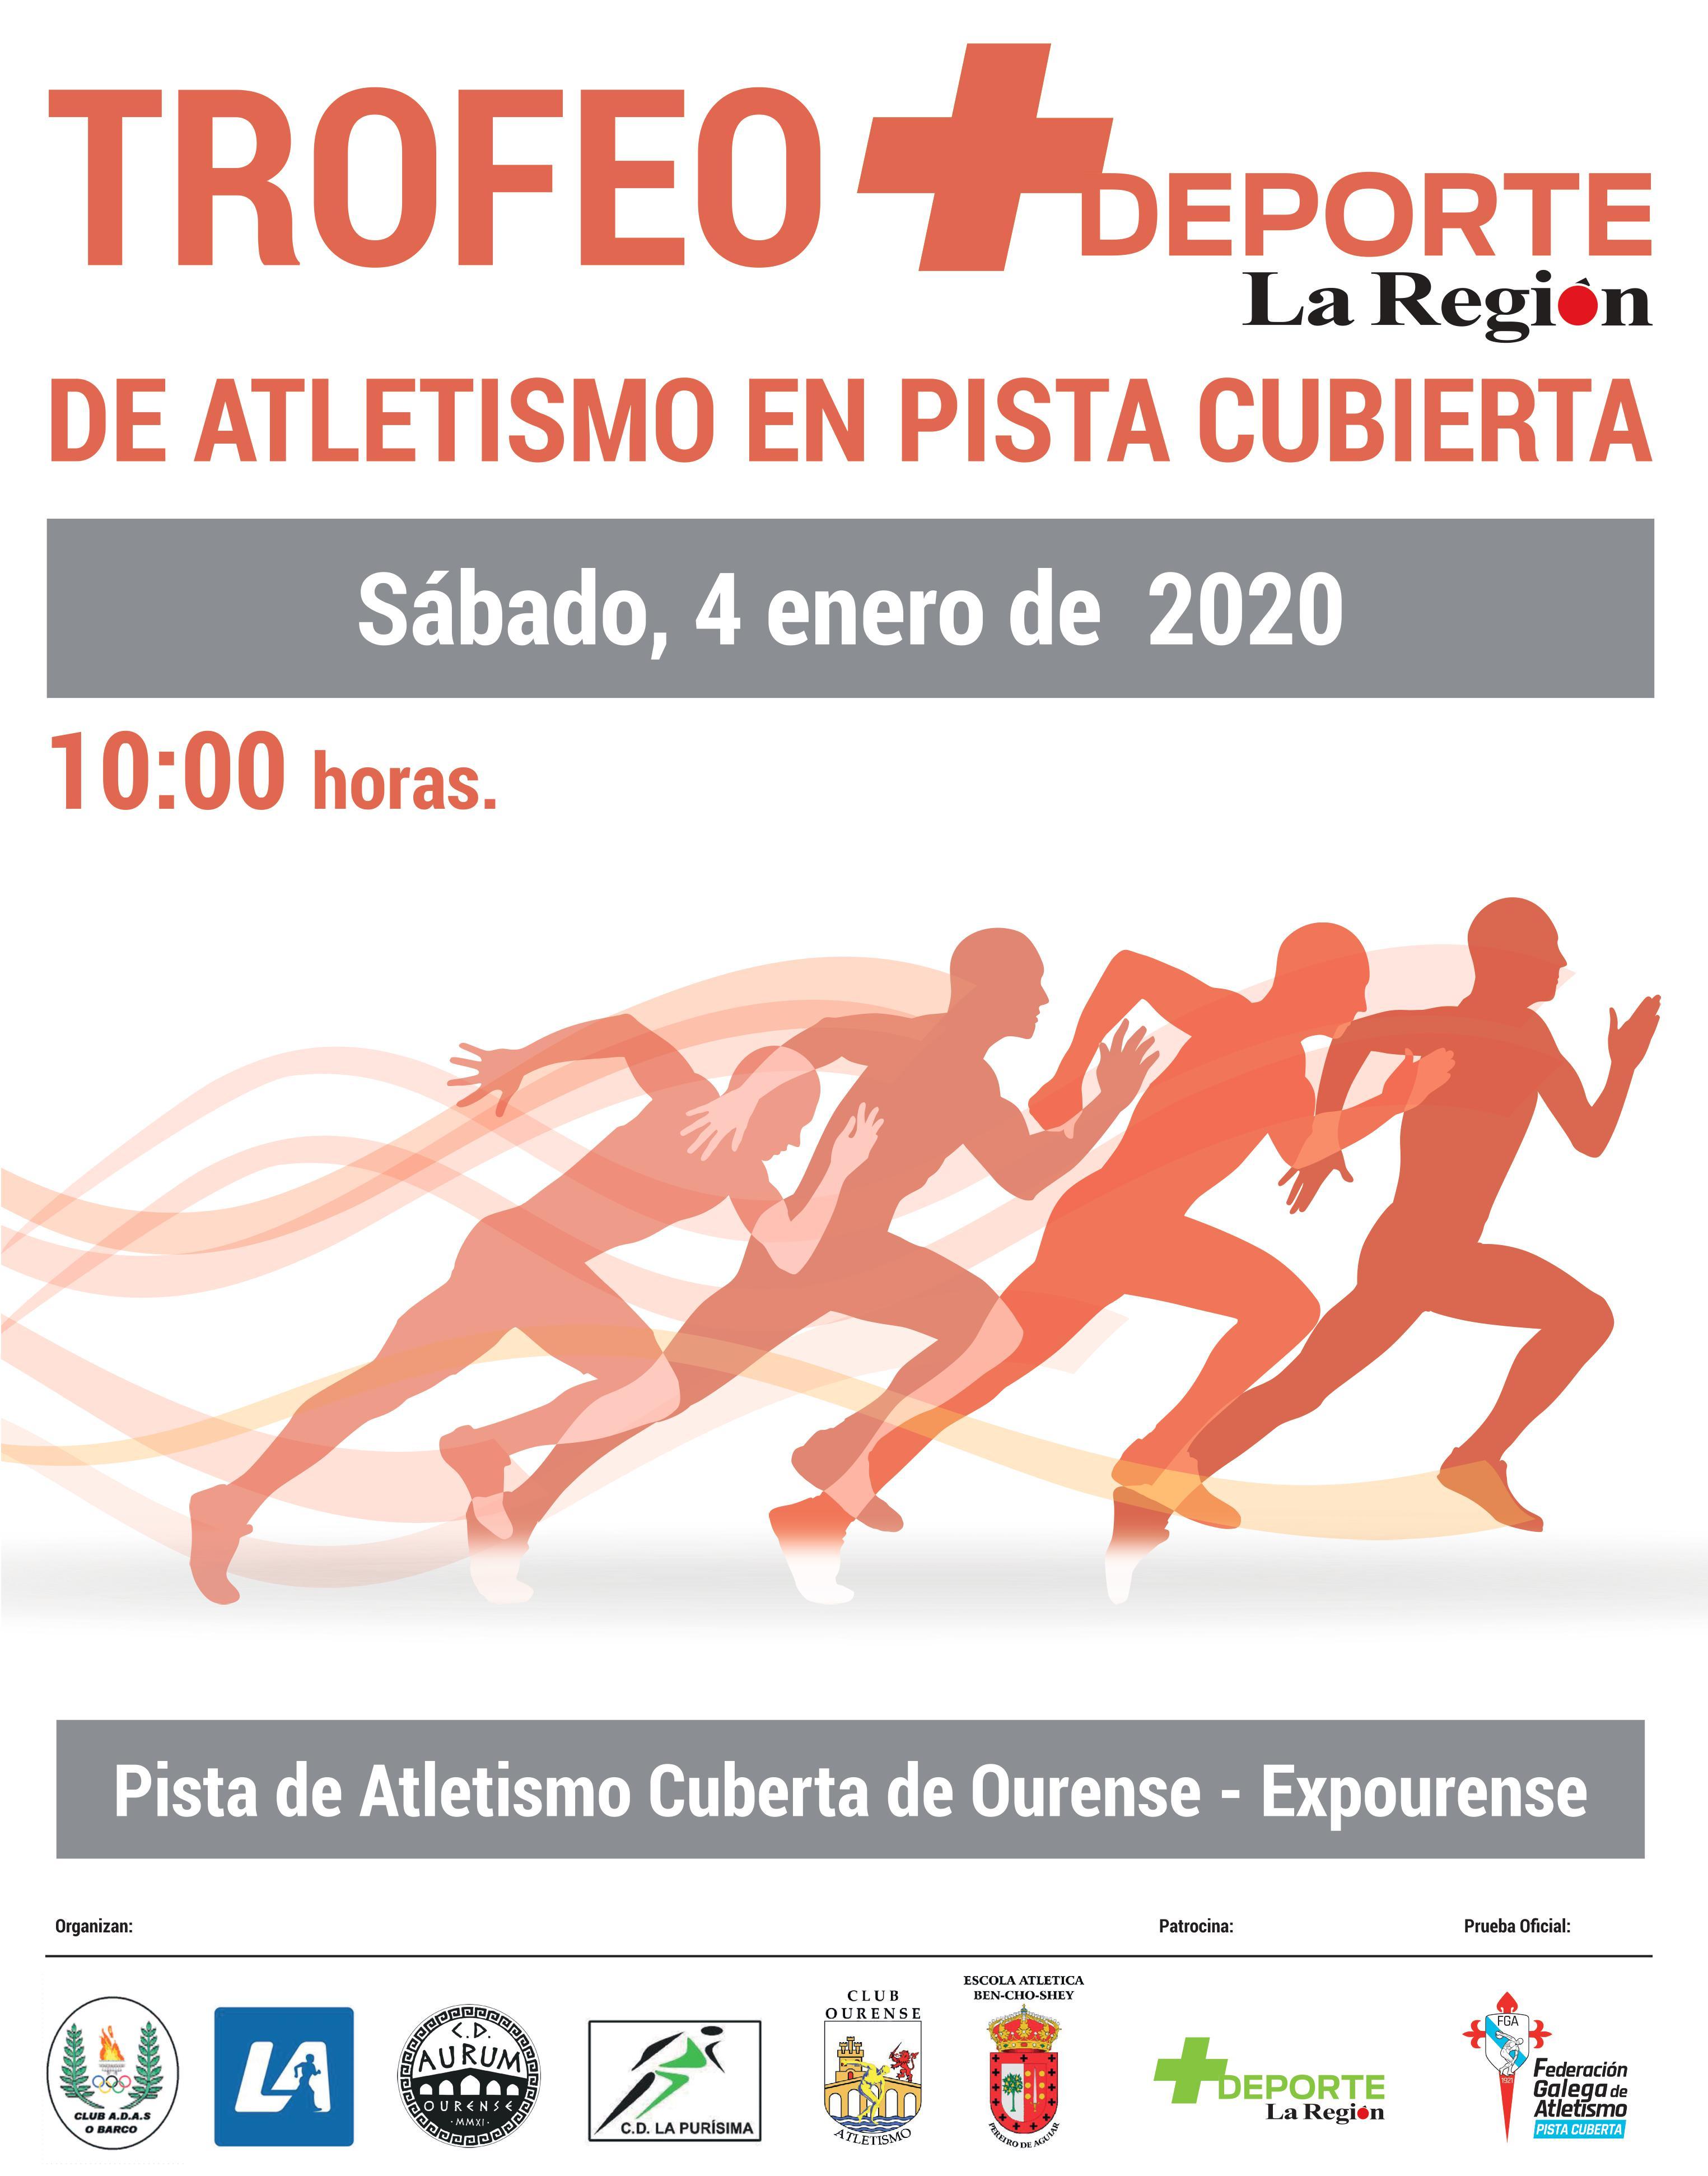 Trofeo + Deporte La Región de Atletismo en Pista Cuberta